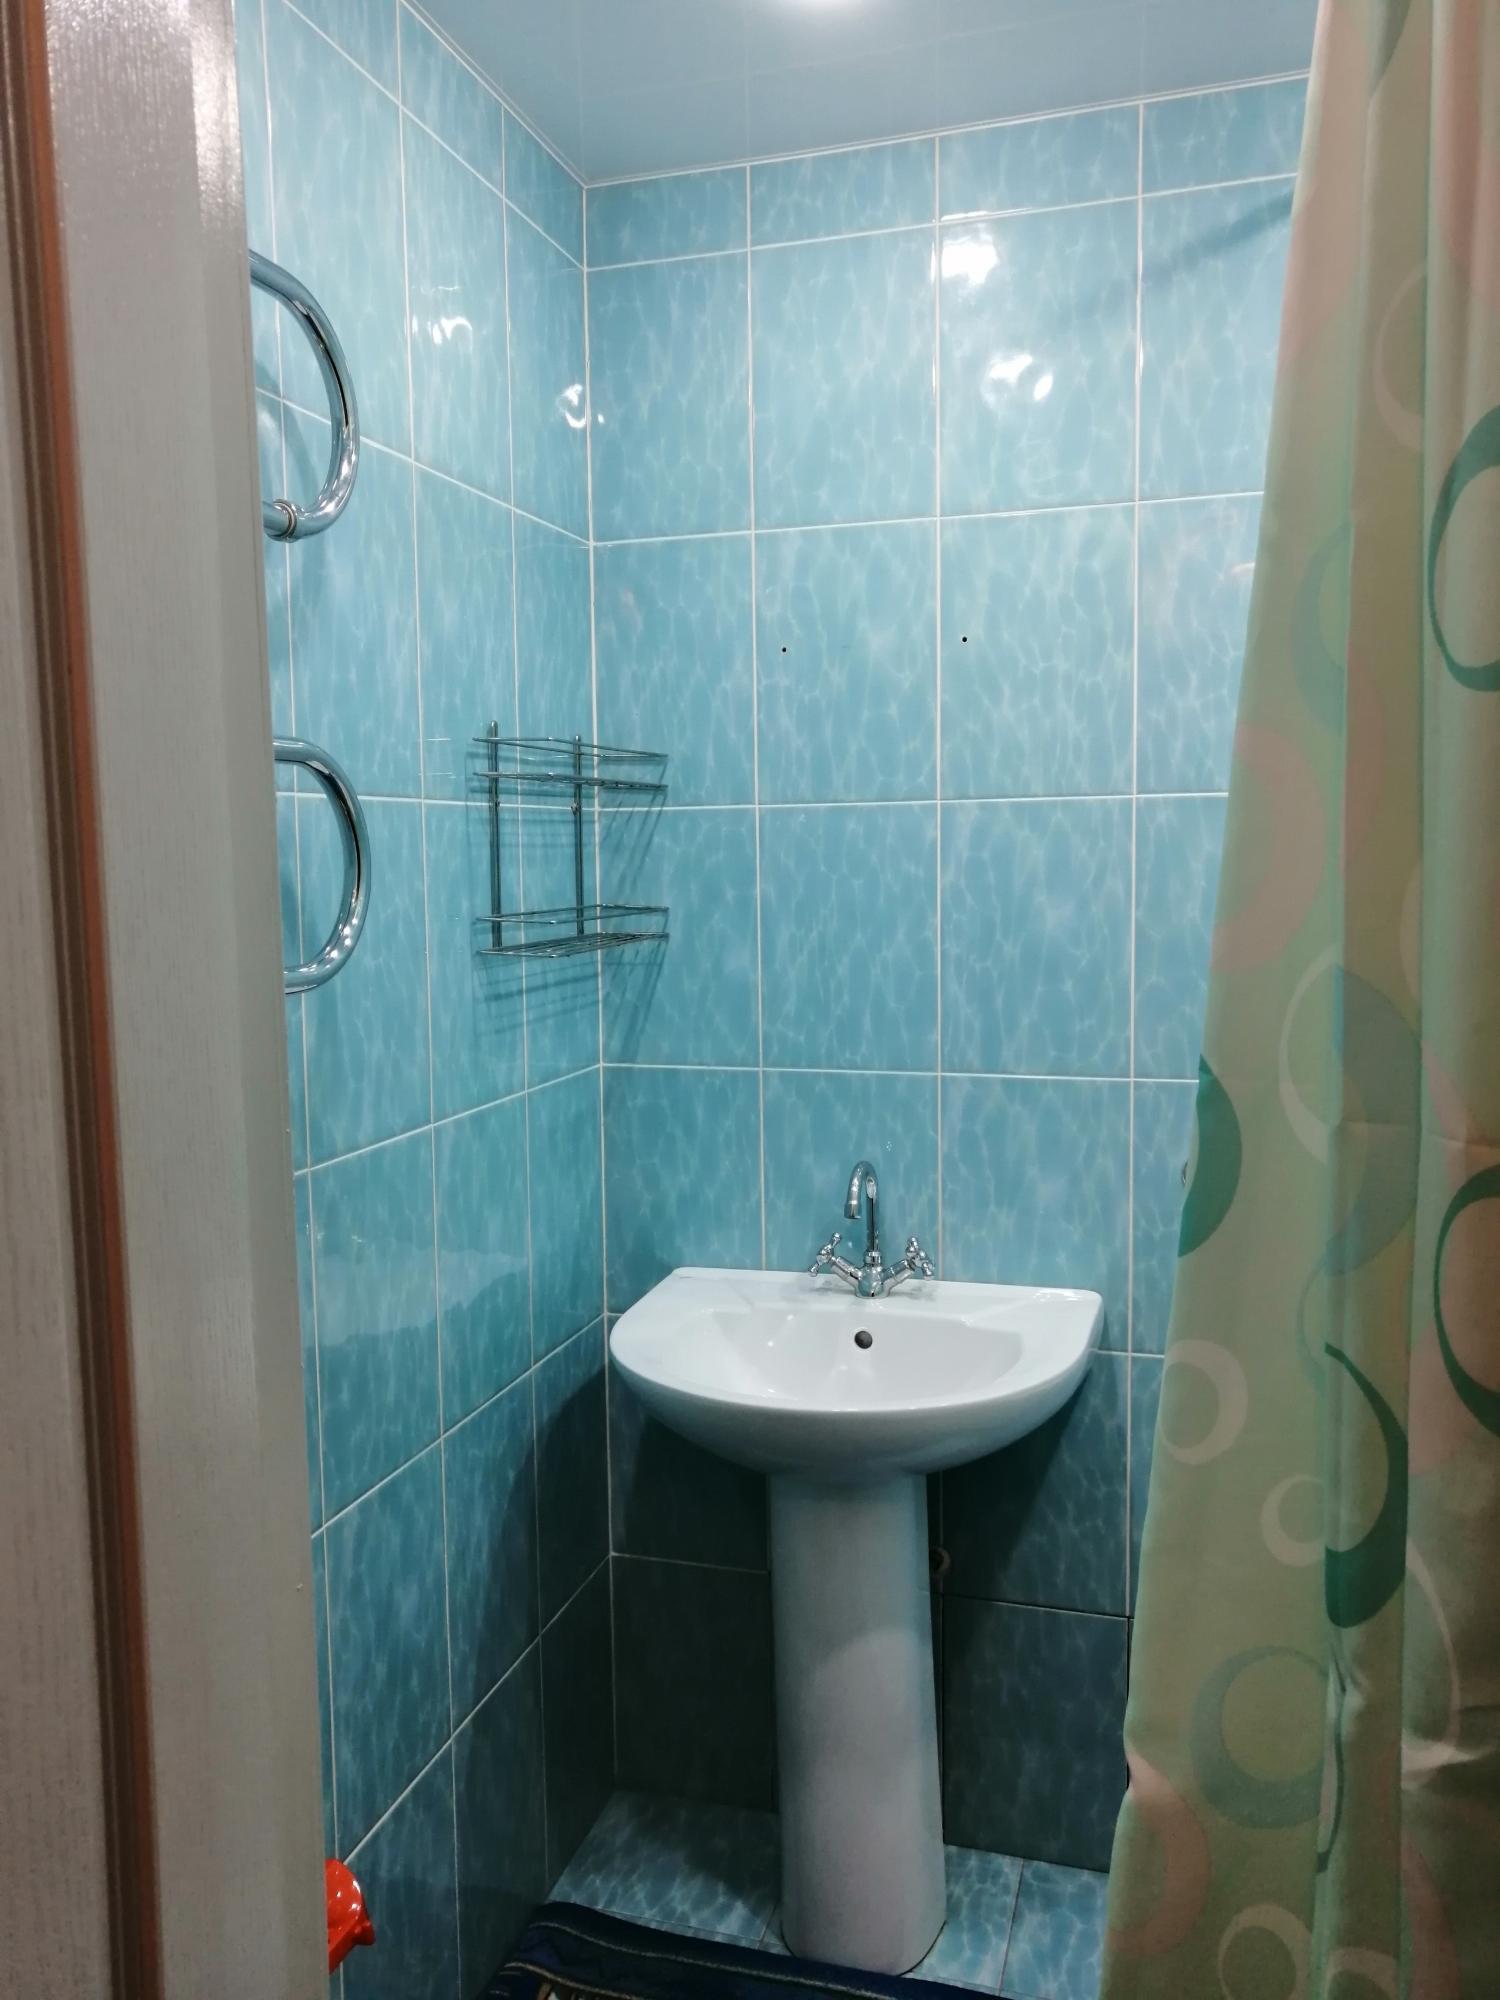 2к квартира улица Батурина, 1 | 25000 | аренда в Красноярске фото 3